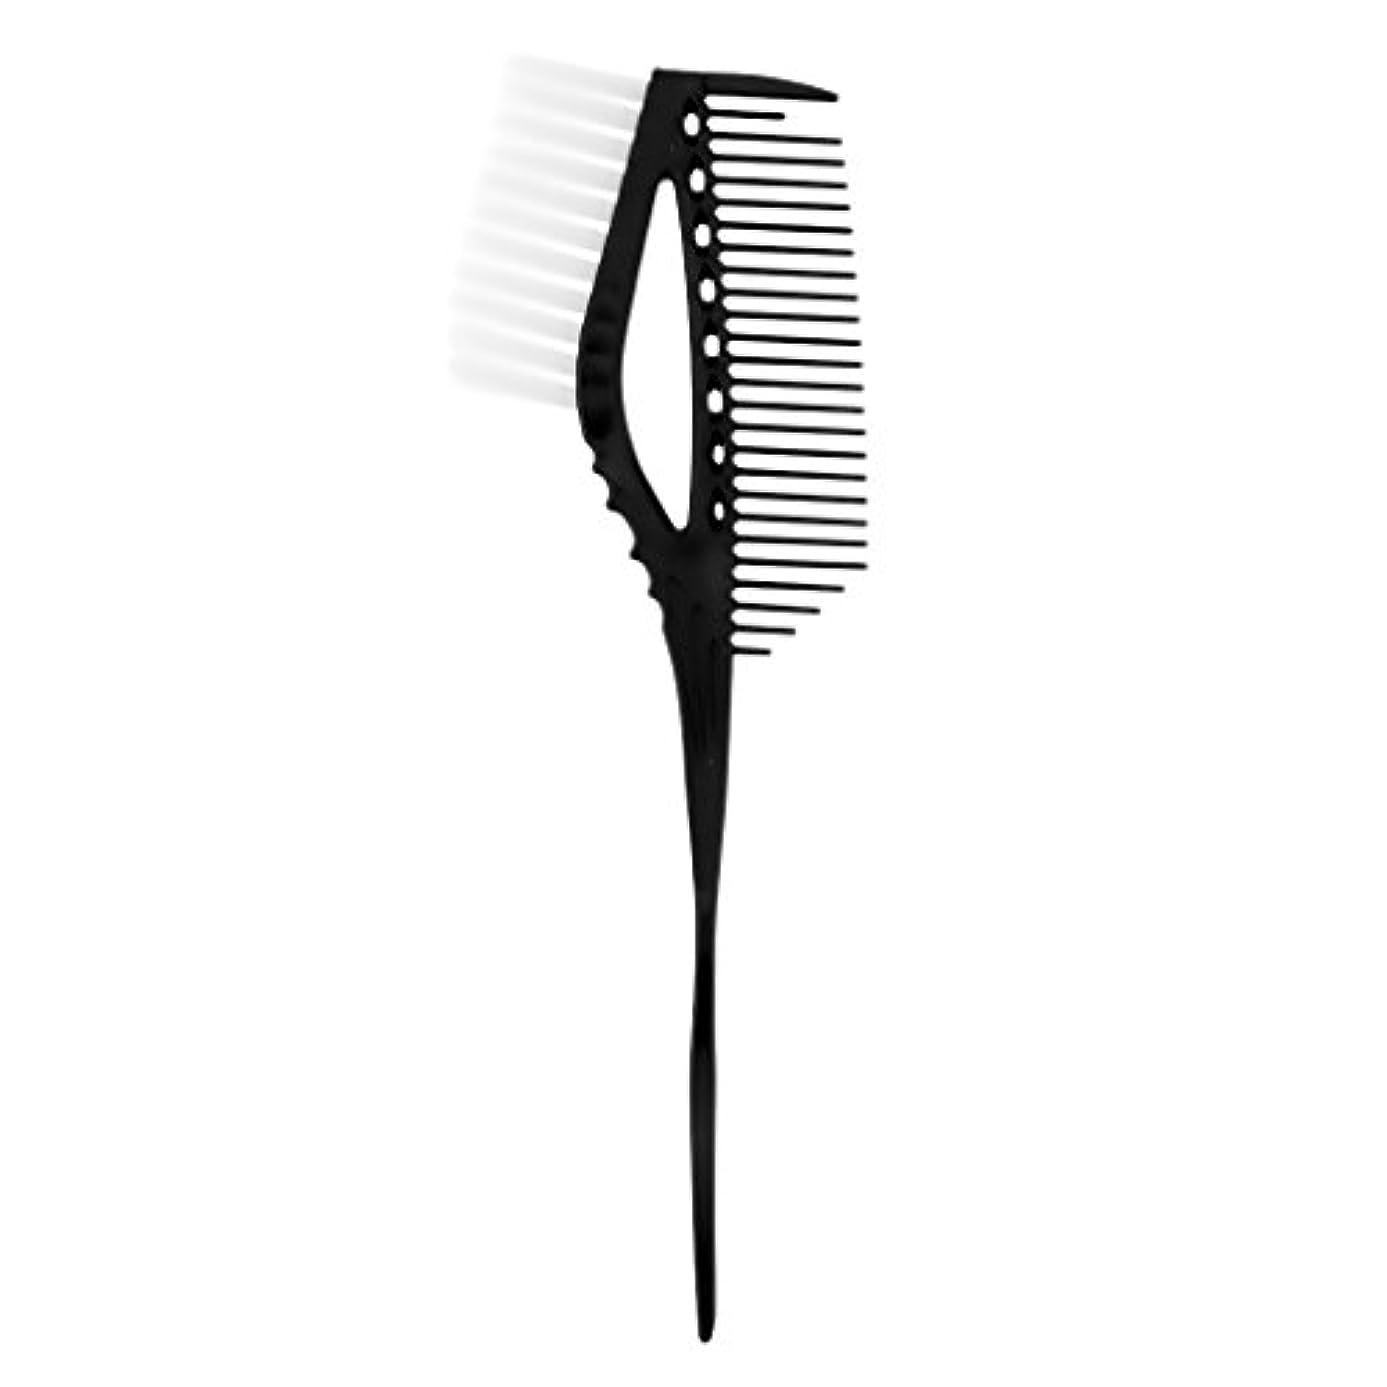 抑制する解決する有名人ハイライト櫛 染め櫛 ヘアブラシ ヘアカラー 色合い ヘアスタイル 便利 3色選べる - ブラック